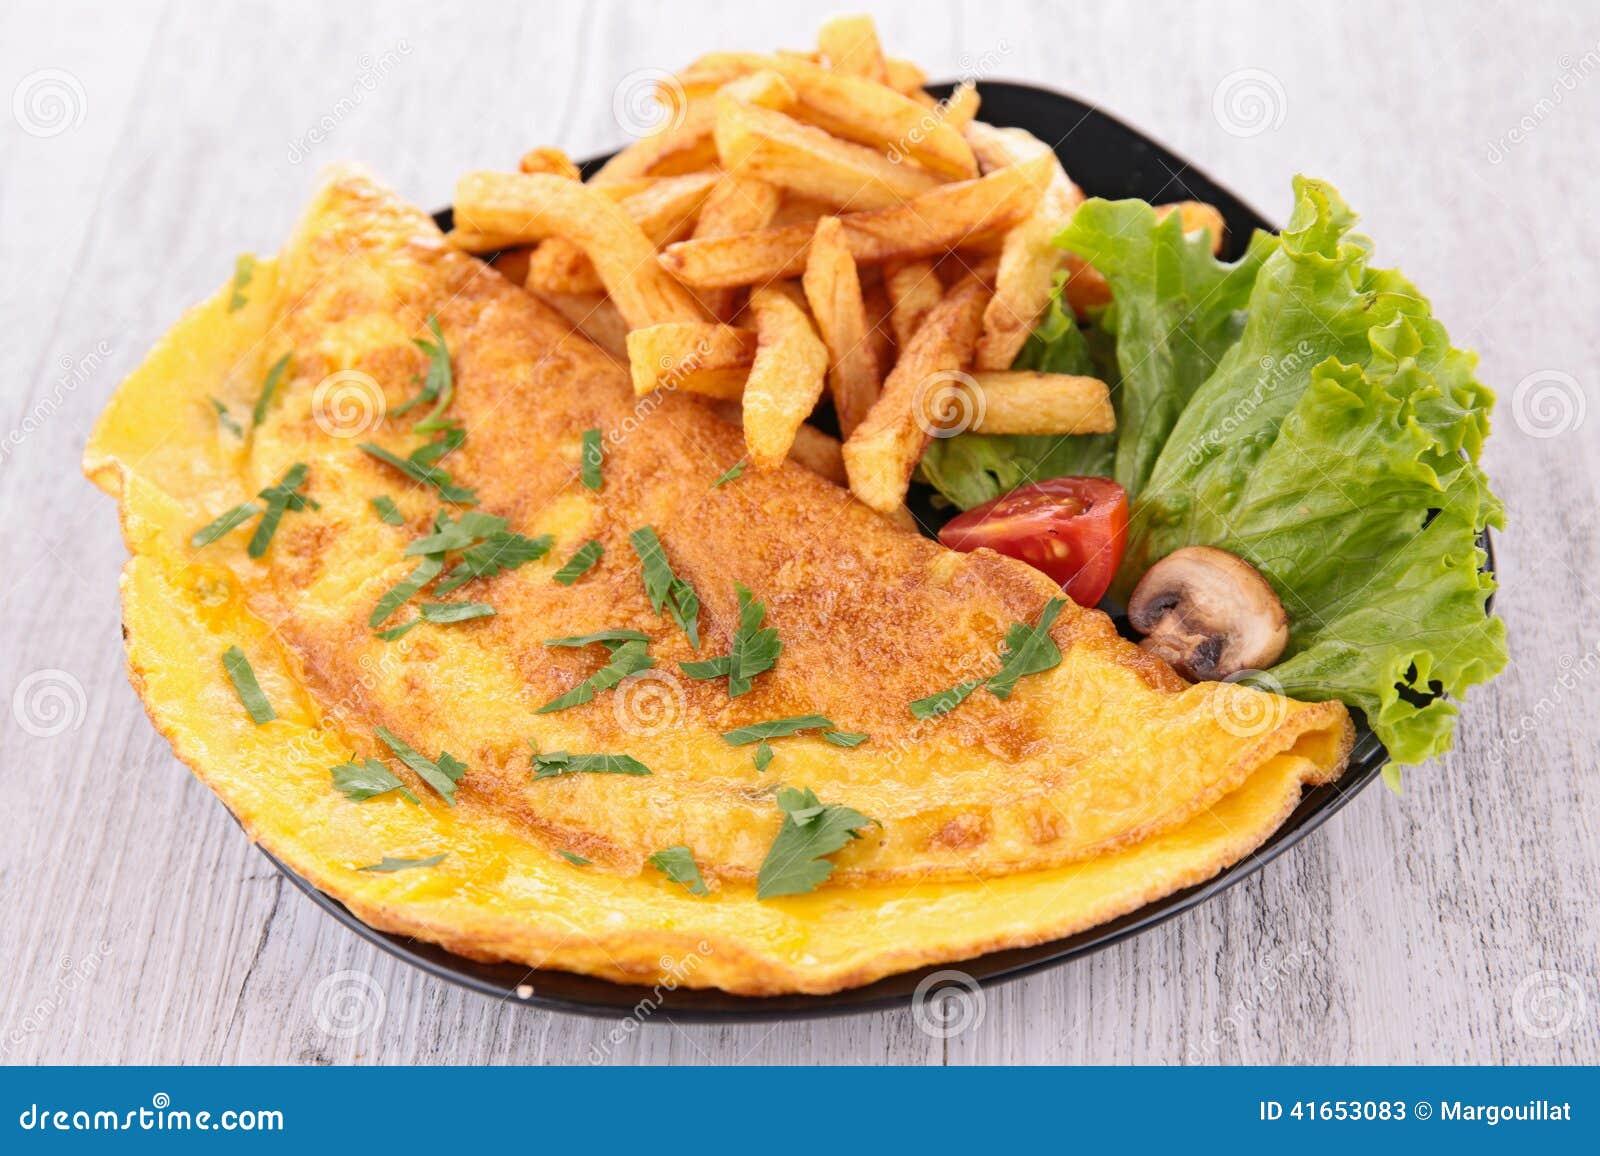 Omelette et pommes frites image stock. Image du nourriture..